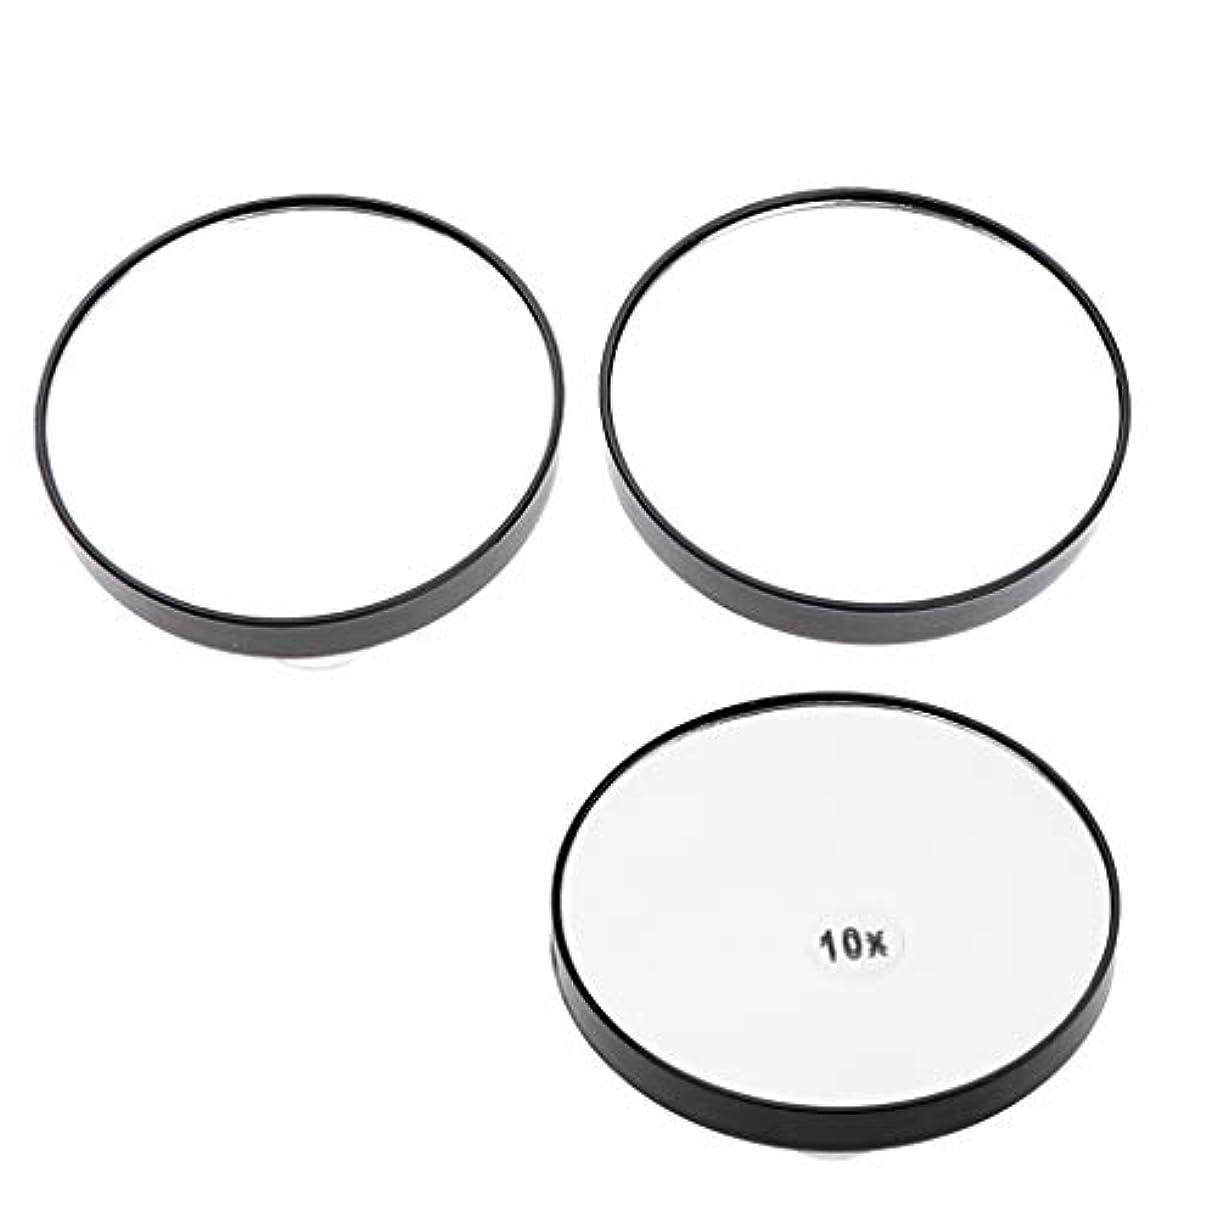 摘む周術期アプローチメイクミラー 化粧鏡 吸盤付き 浴室化粧鏡 5倍/ 10倍拡大